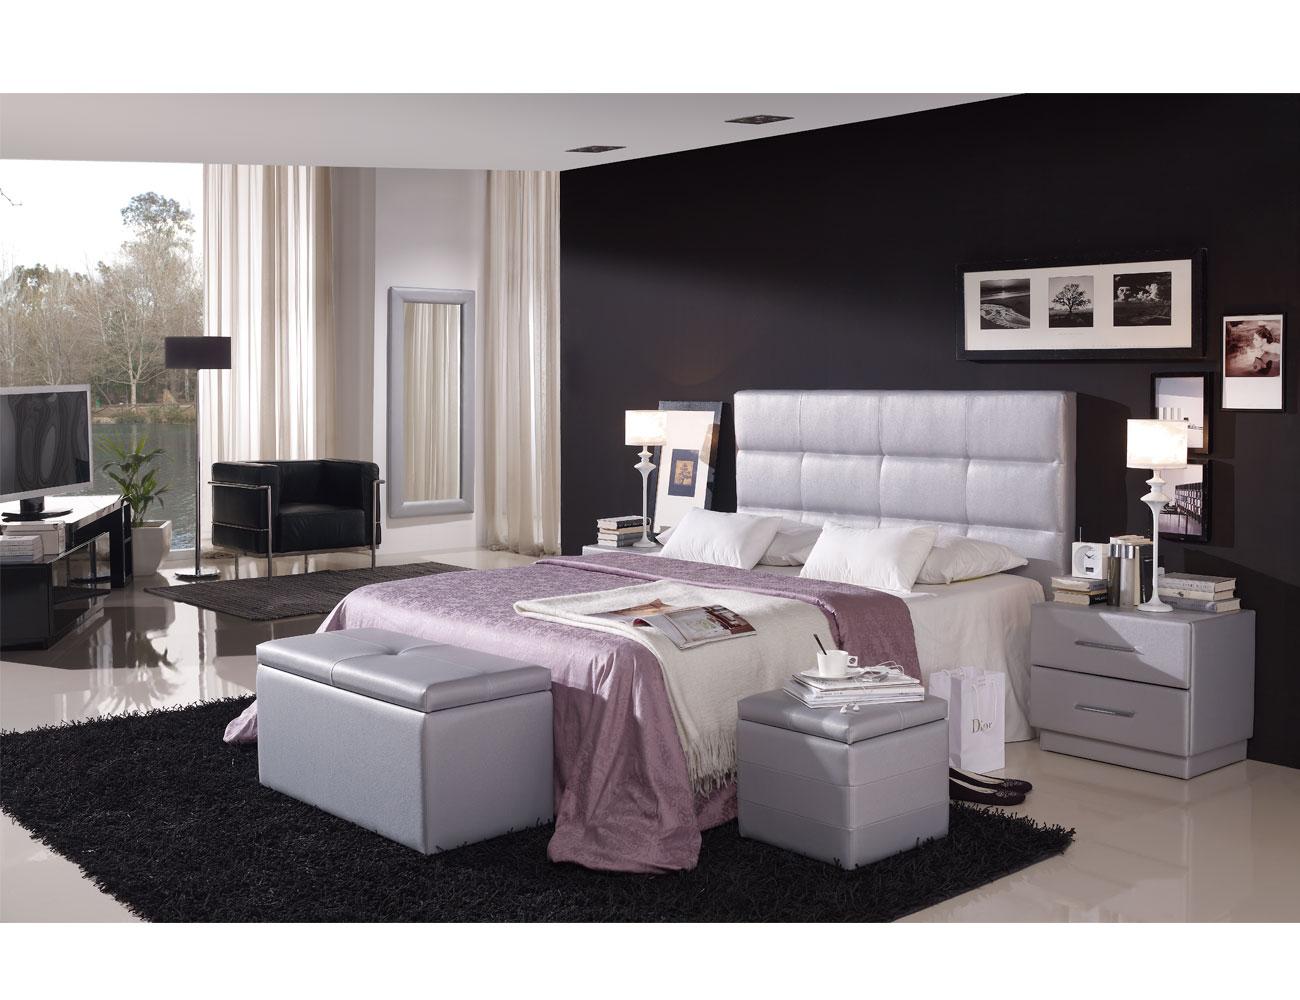 23 marco tapizado dormitorio92